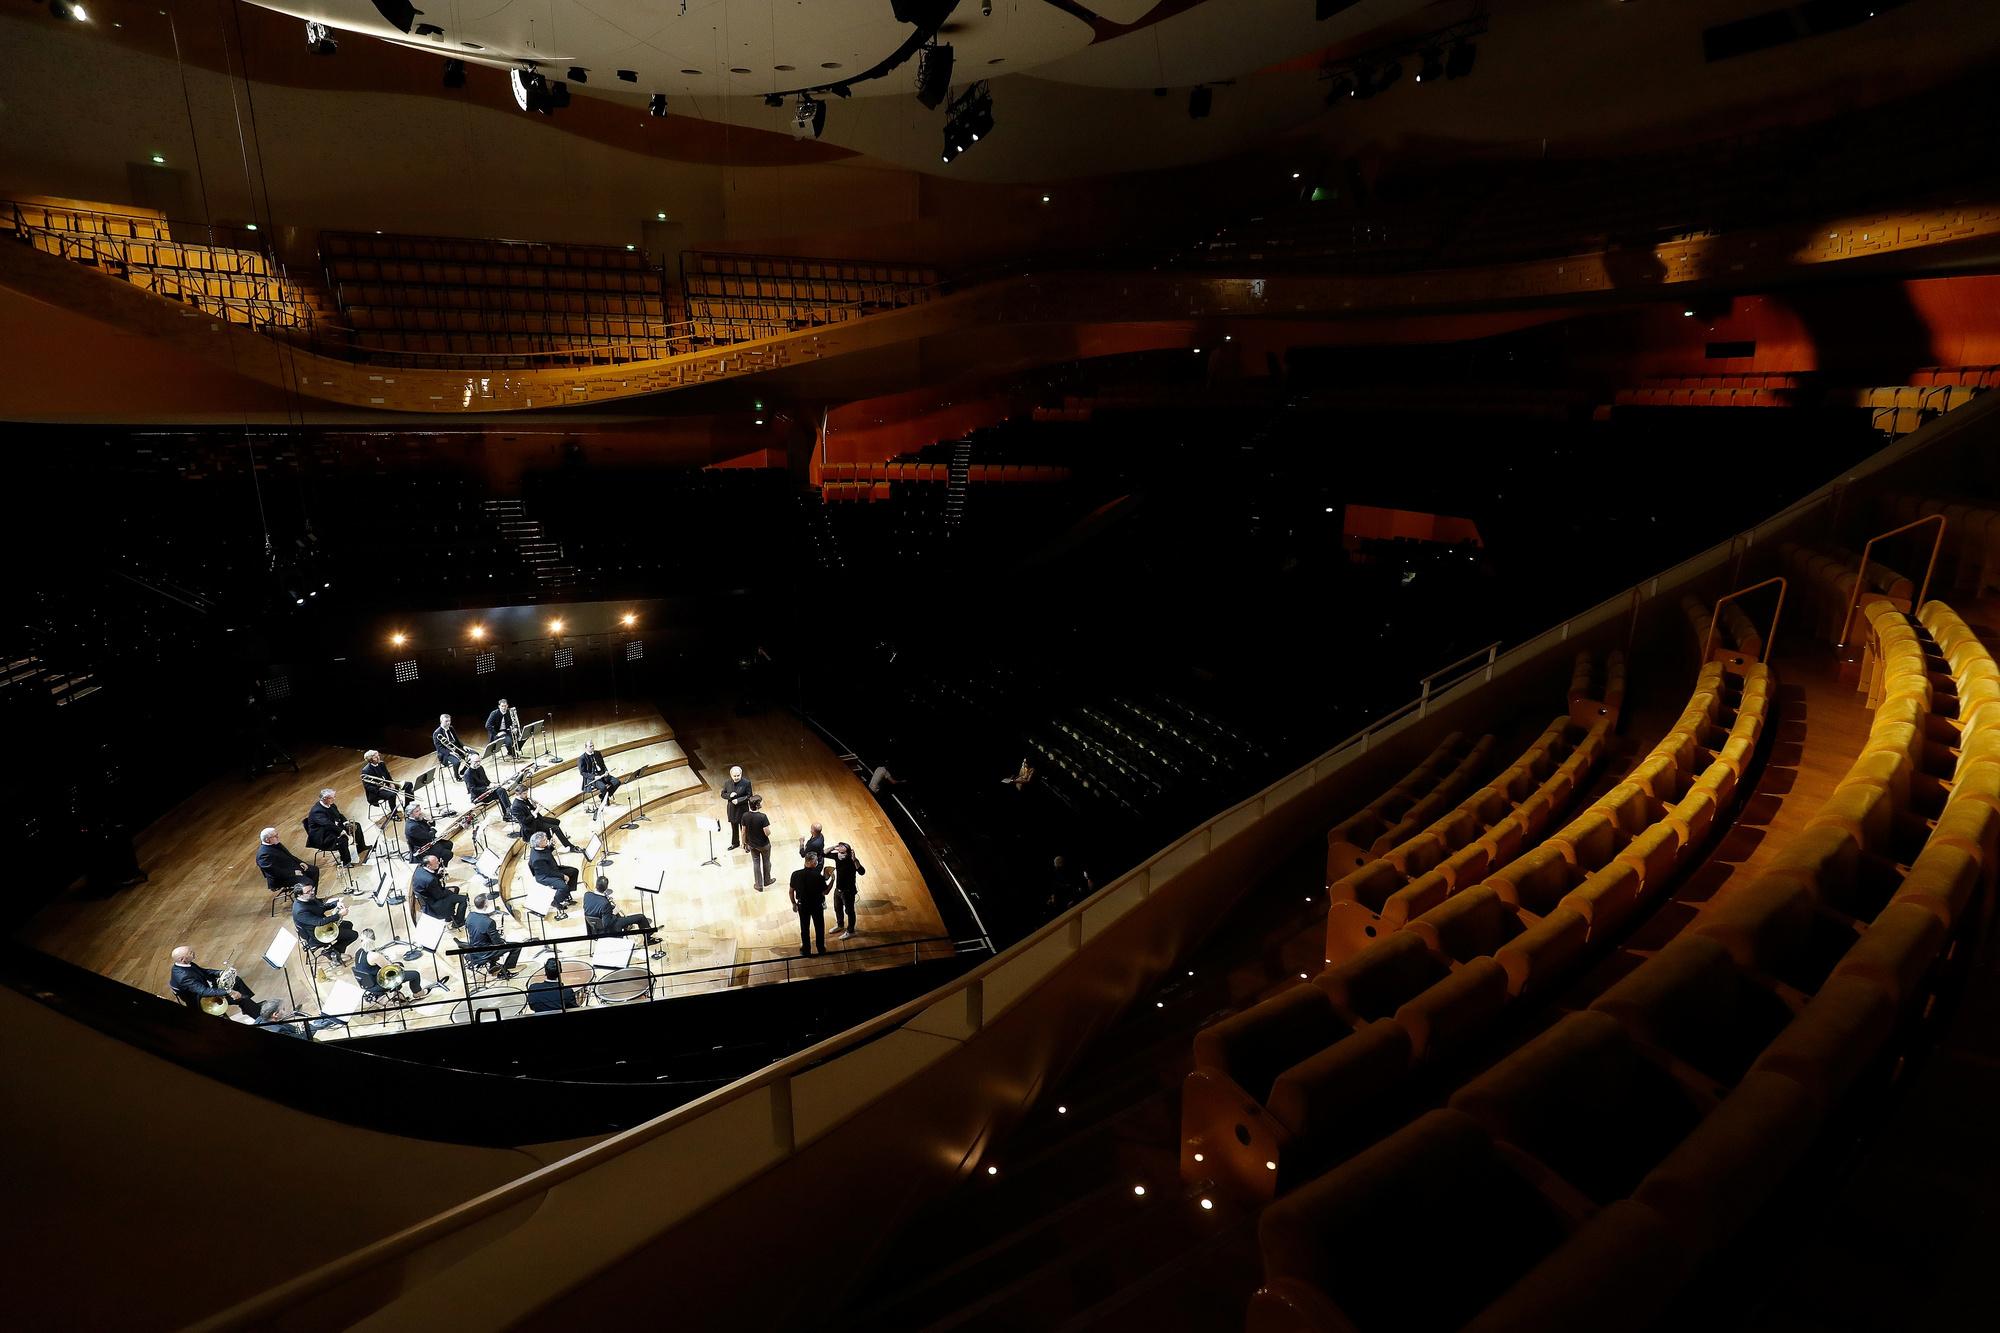 Des musiciens de l'Orchestre de Paris se produisent dans la salle 'Pierre Boulez' vide de la Philharmonie de Paris, lors d'une répétition avant un concert diffusé en direct sur la chaîne de télévision franco-allemande 'Arte' et sur Internet, le 27 mai 2020., belga